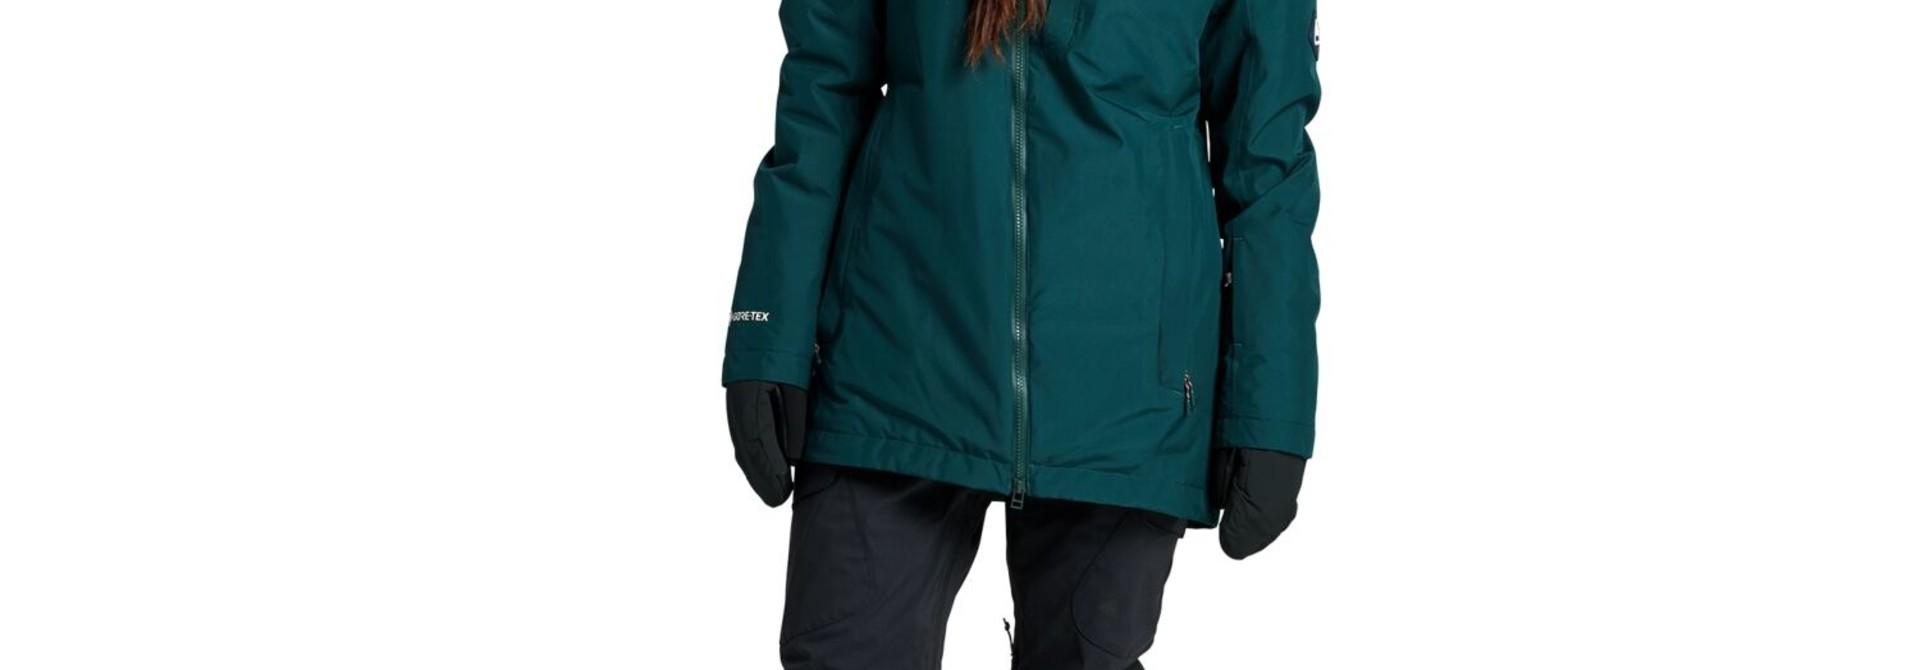 Women's GORE-TEX Balsam Jacket